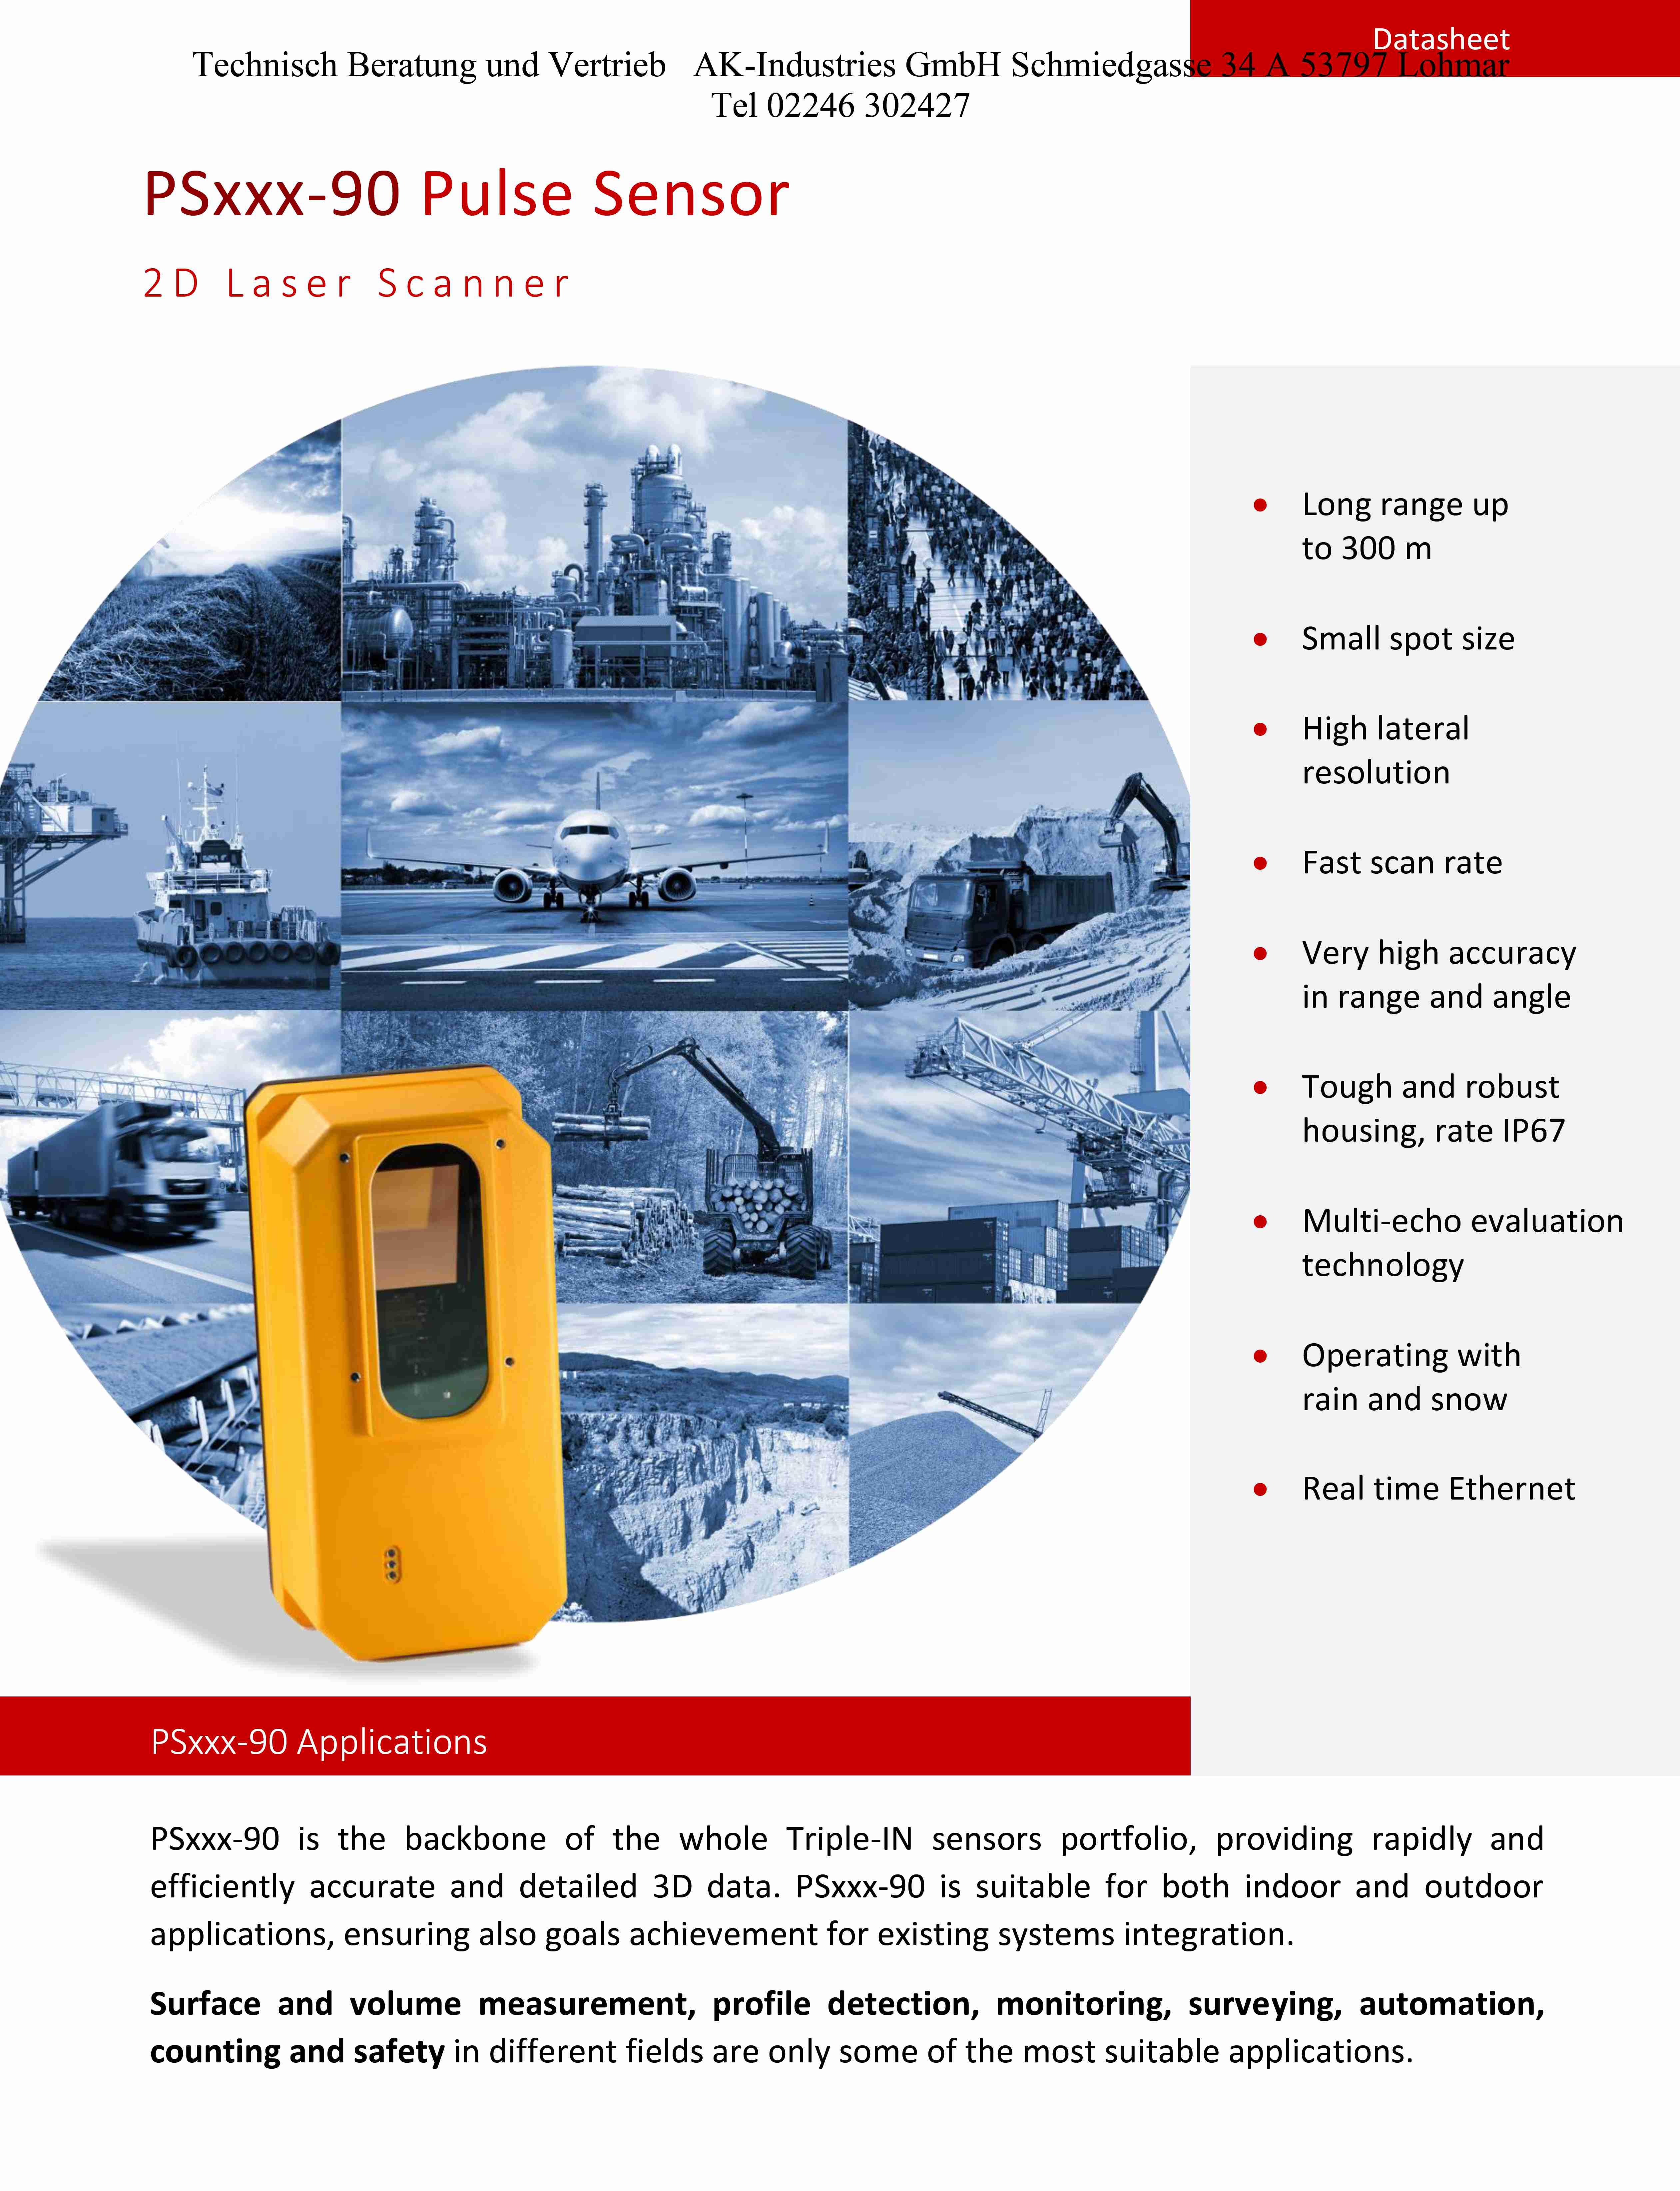 Laser Scanner PSxxx-90